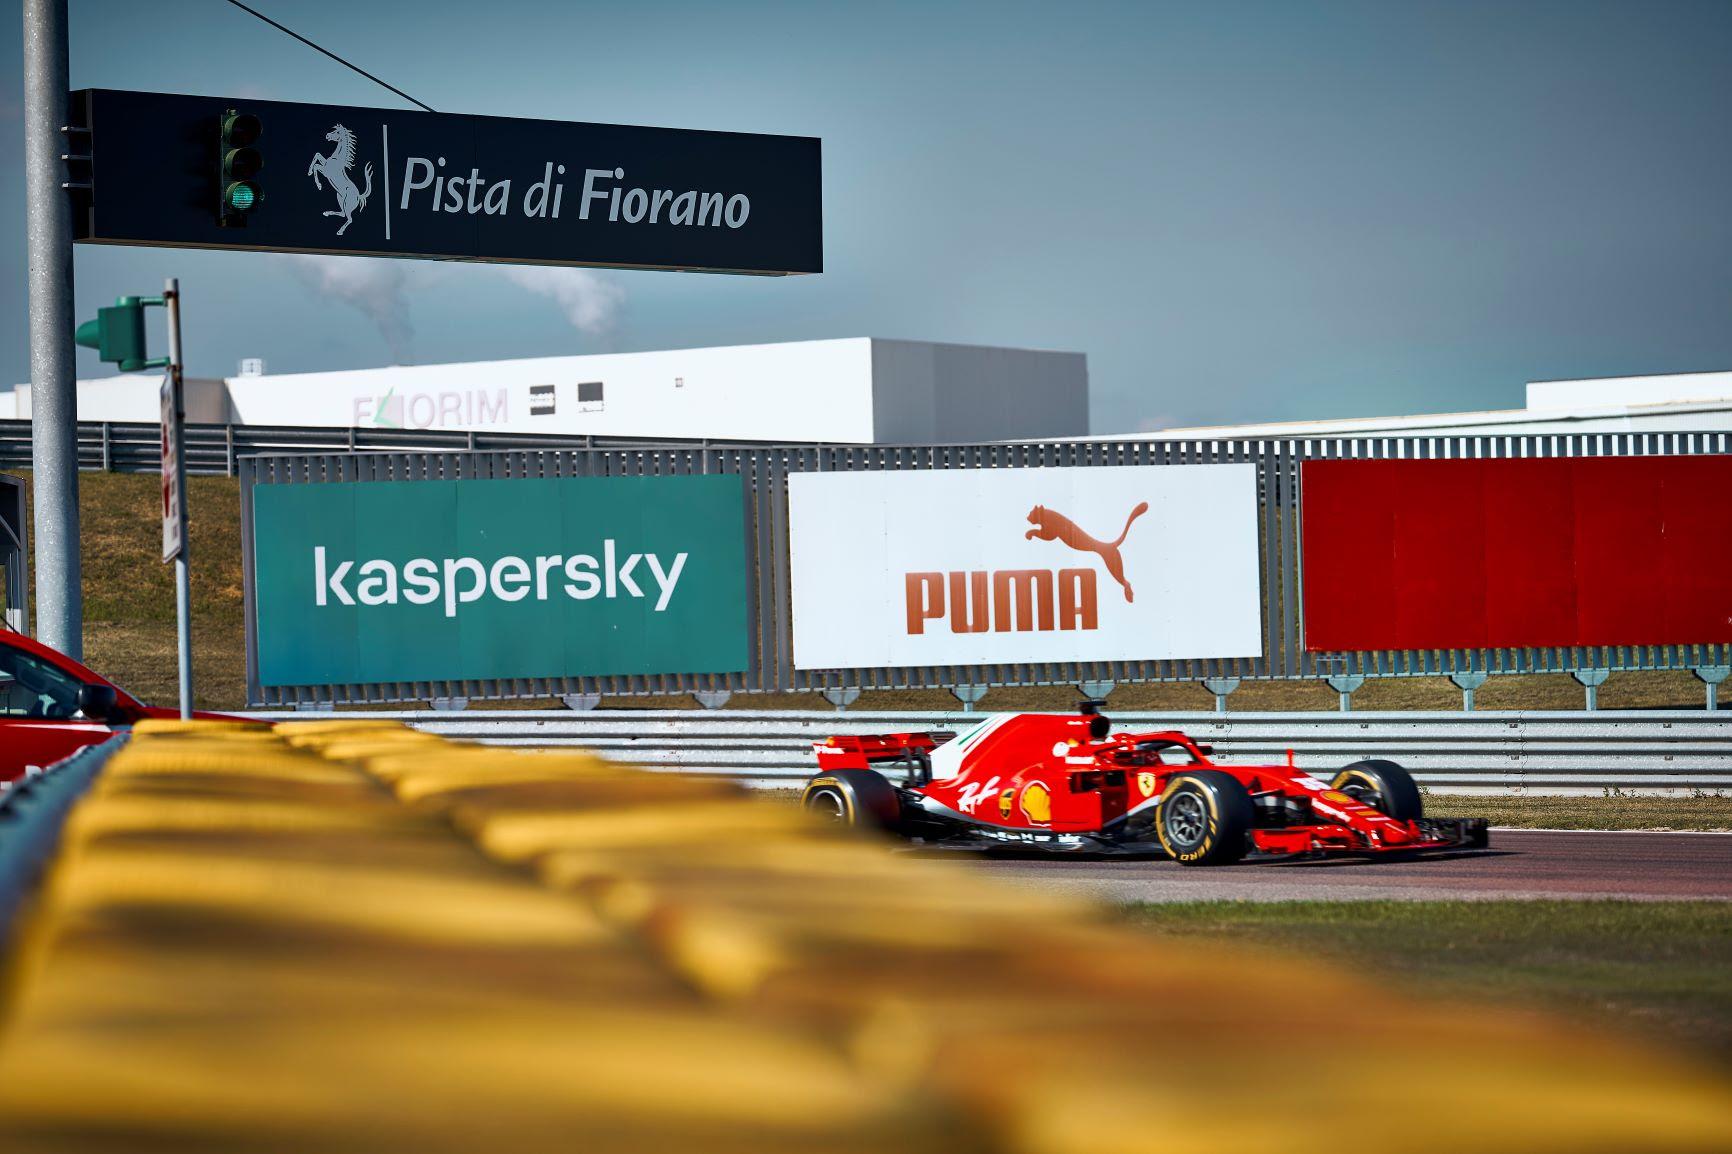 F1 - Ferrari programme cinq journées de tests à Fiorano pour sept pilotes